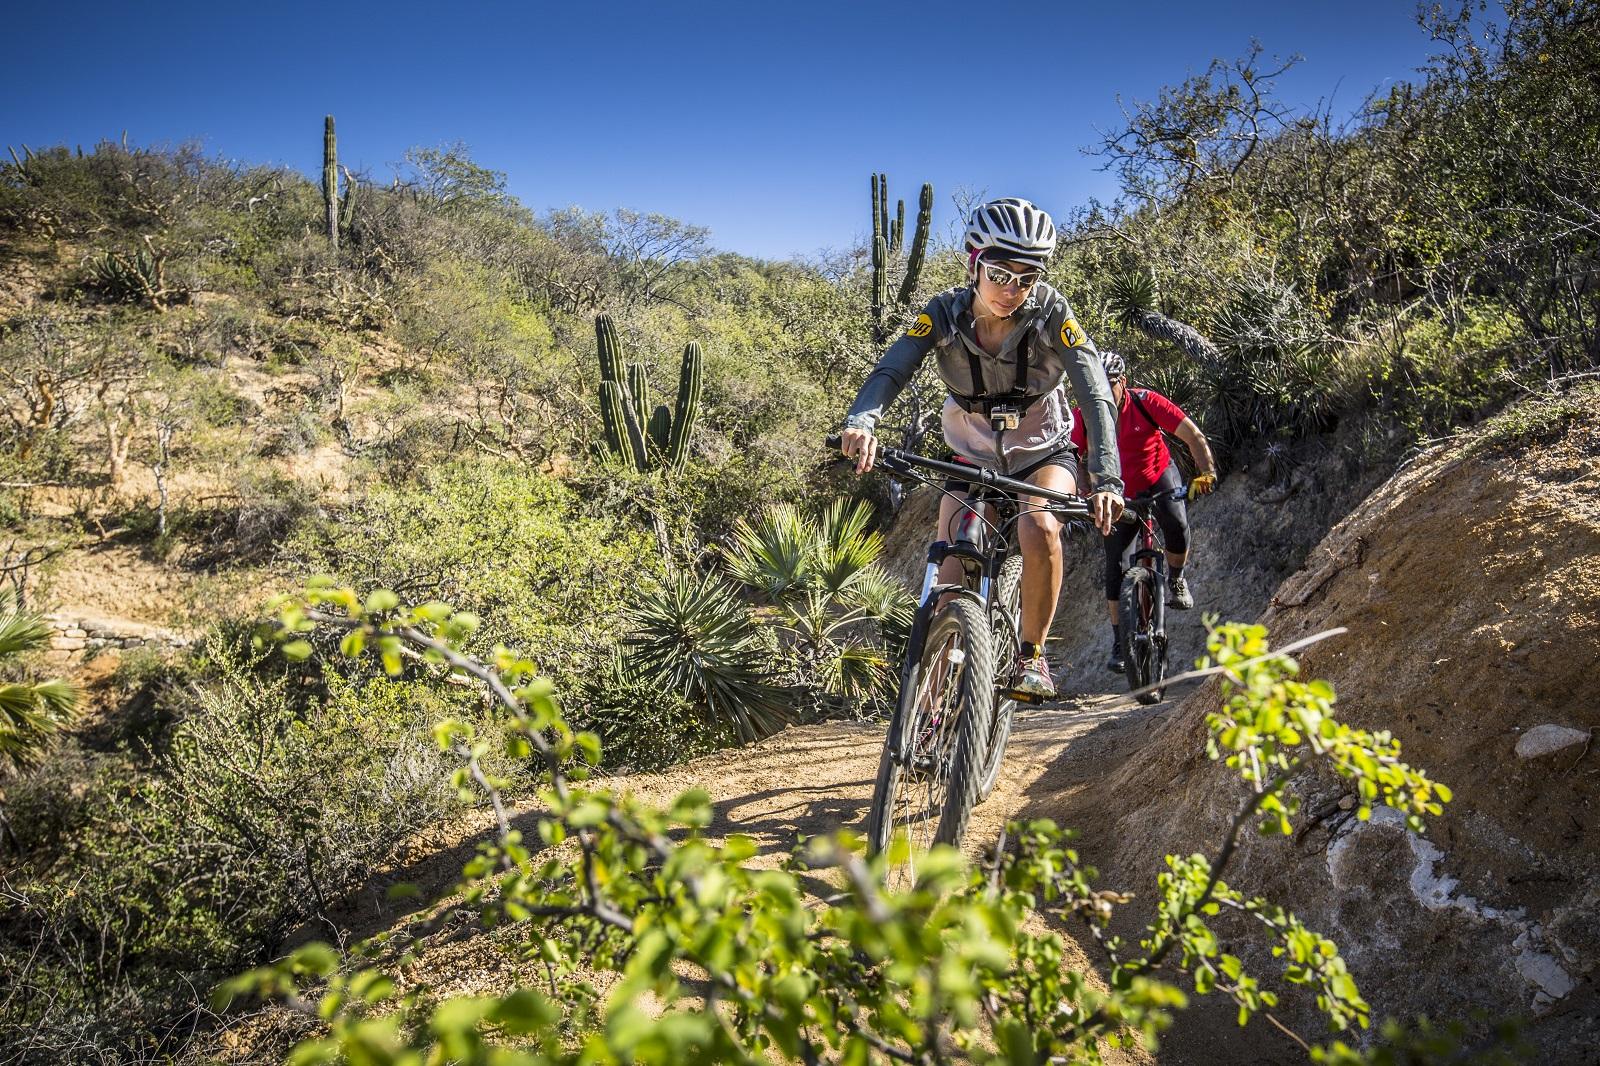 mountain-biking-tourism-santa-rosa-trail-rancho-cacachilas-la-paz-baja-sur.jpg